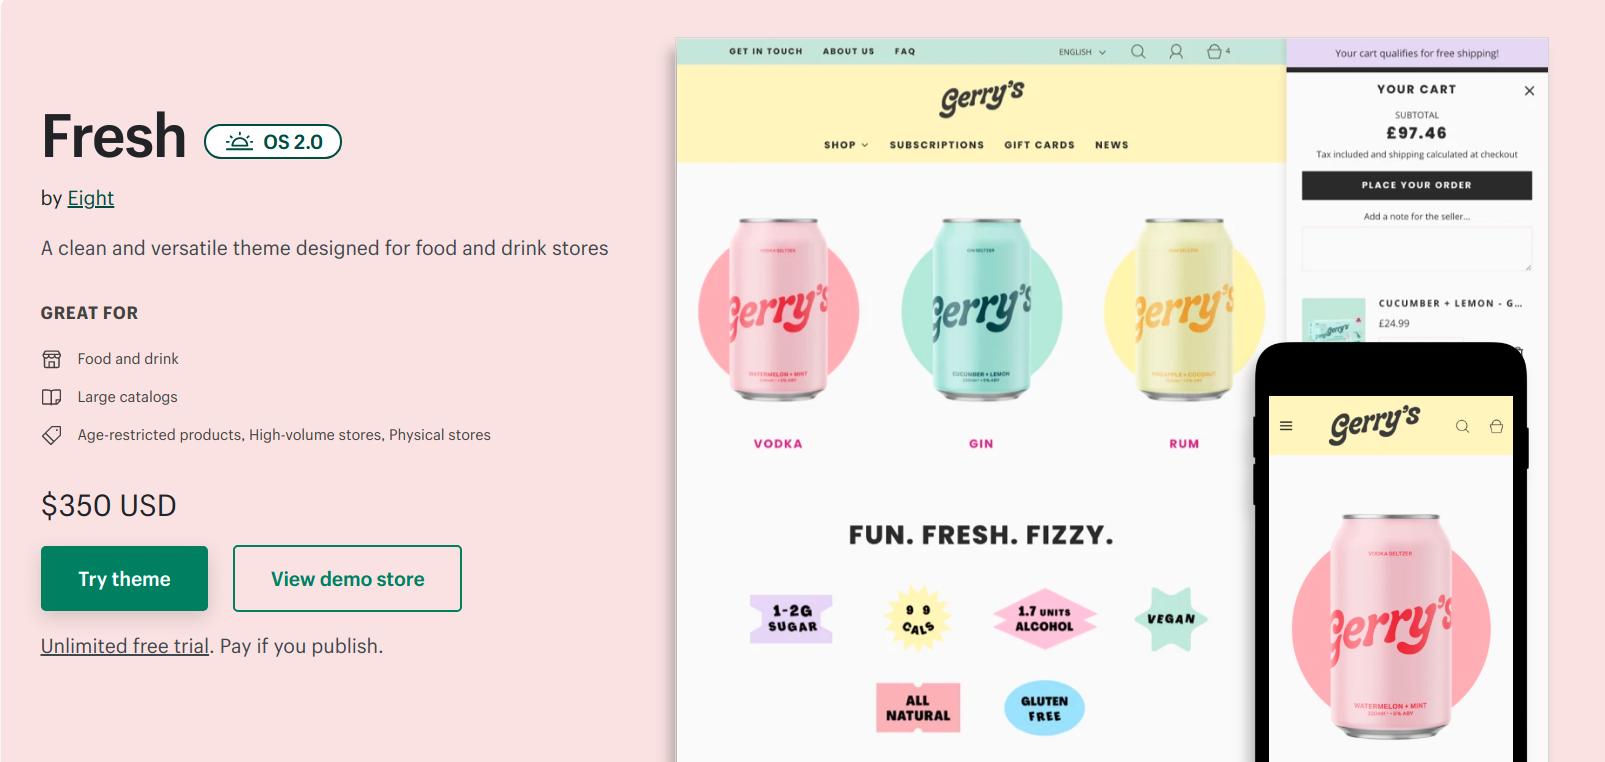 fresh-shopify-theme